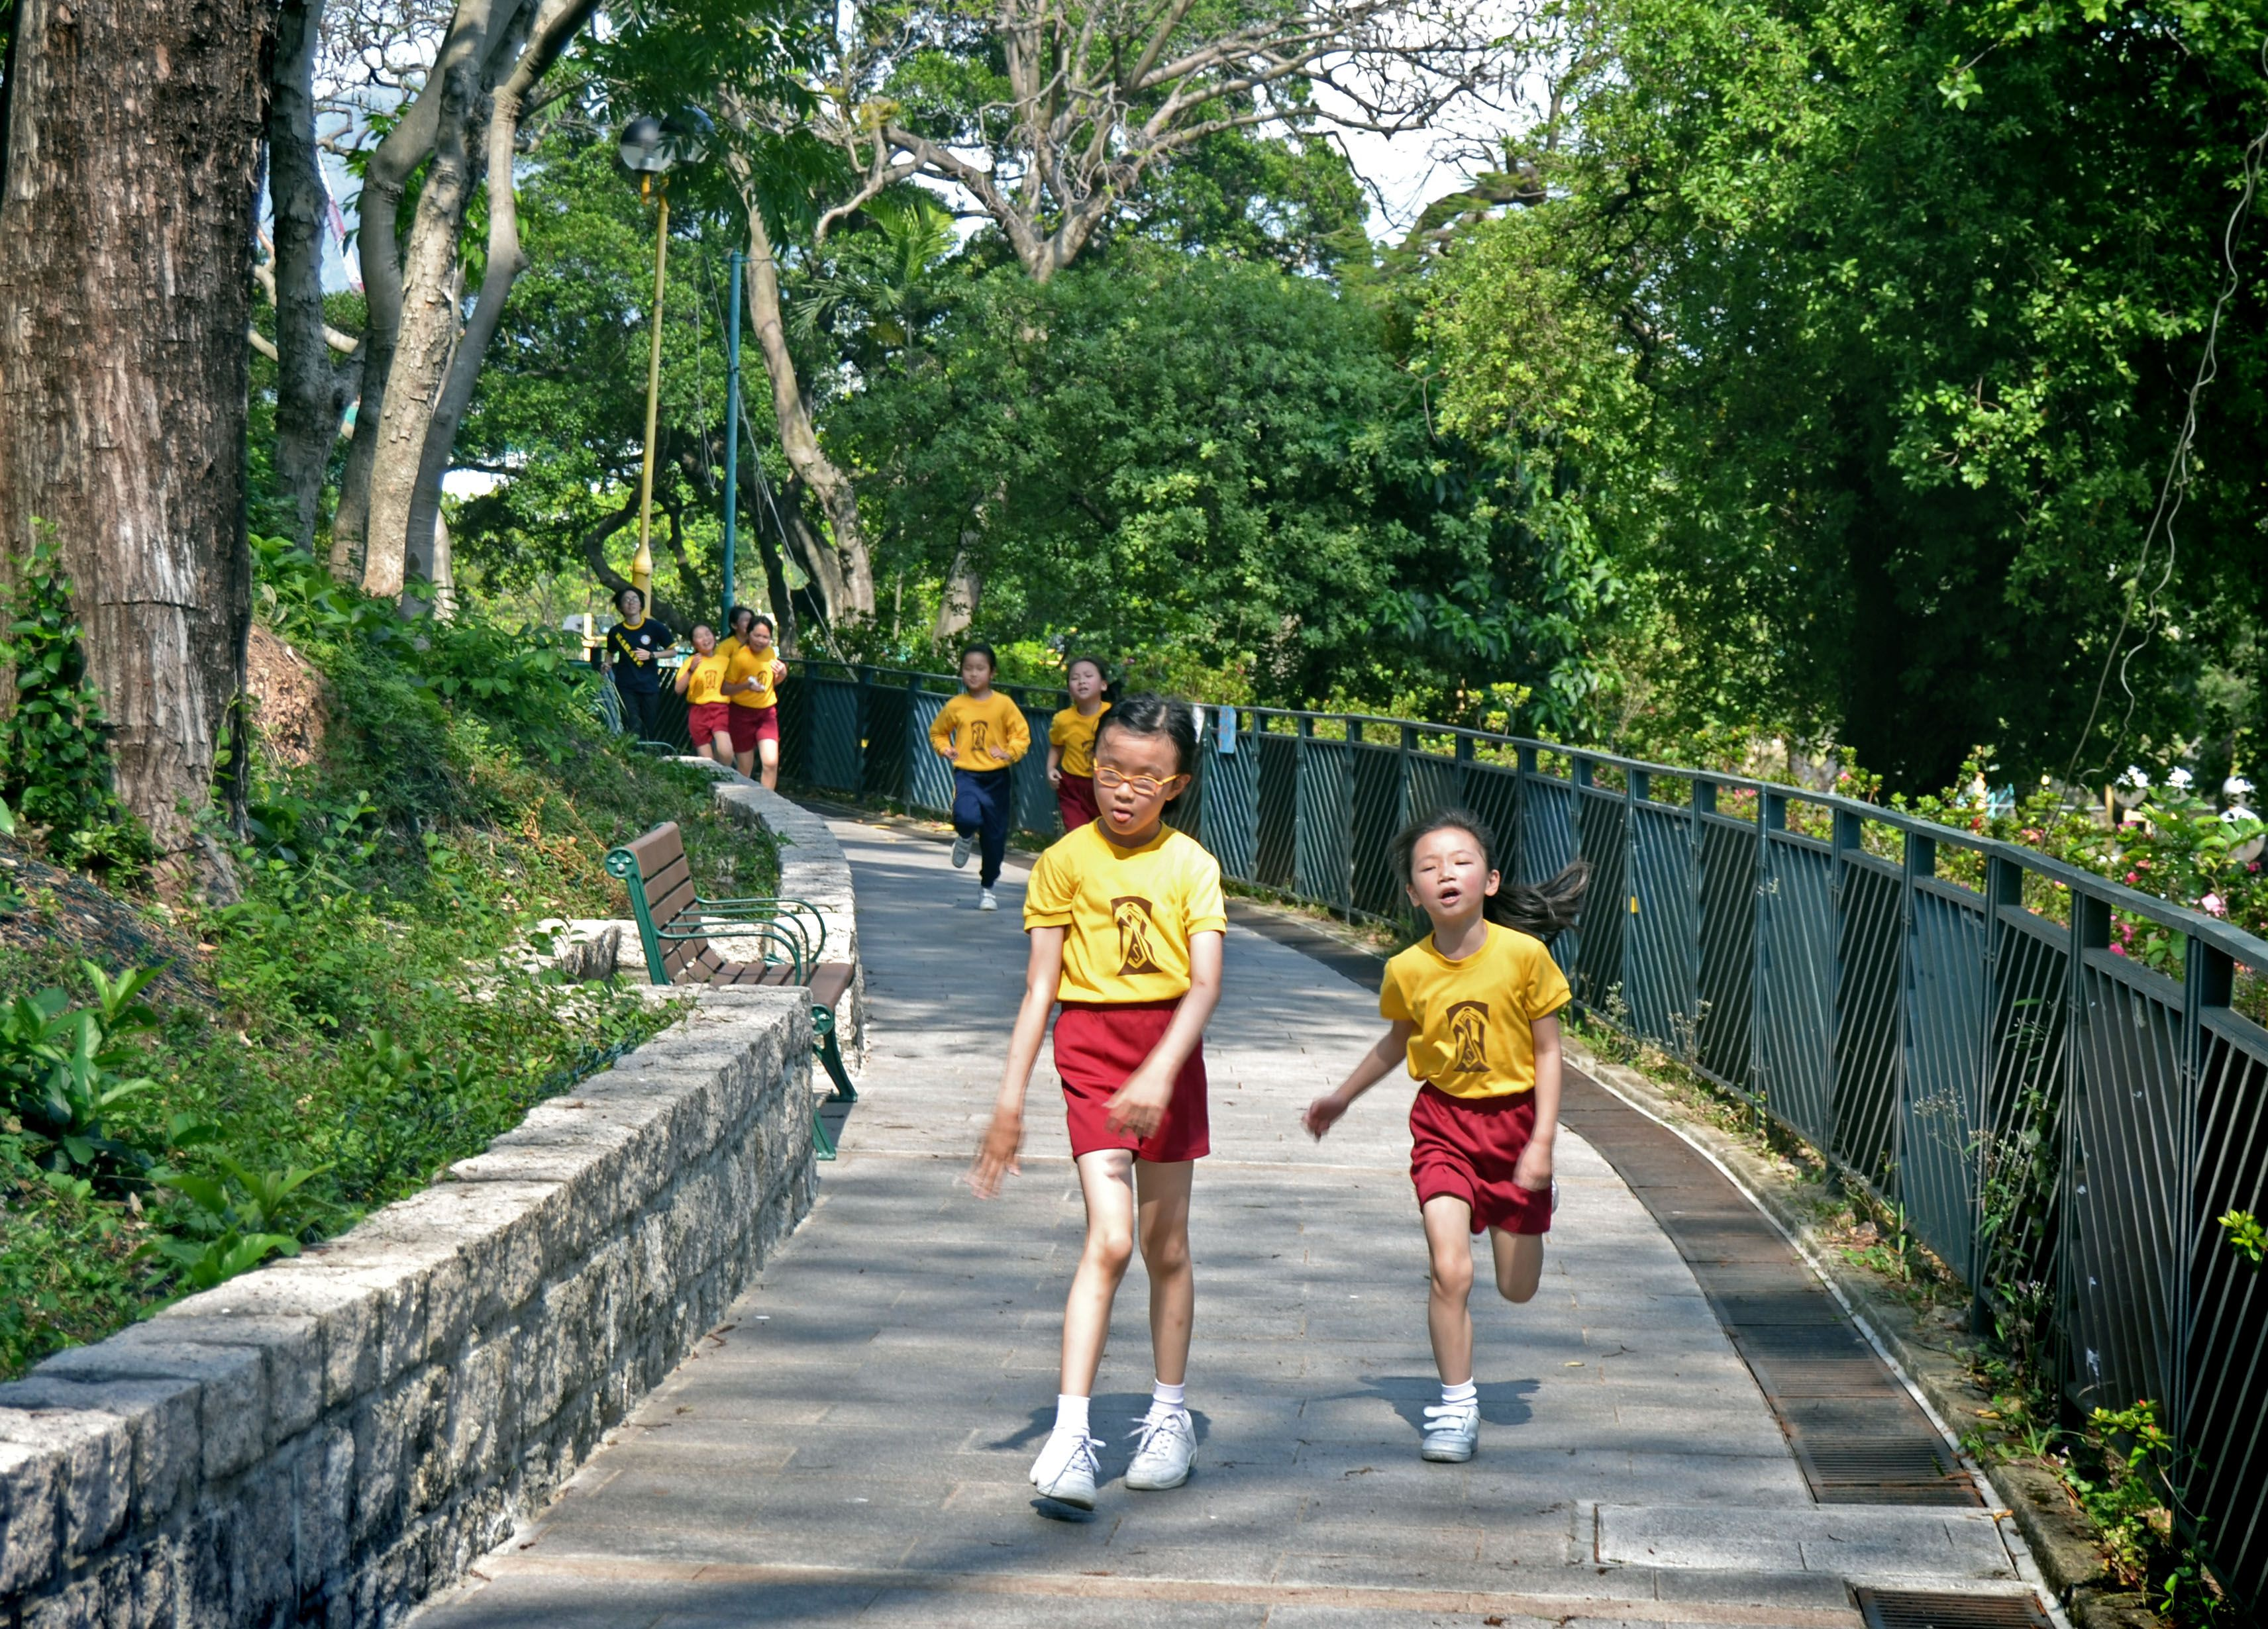 Hong Kong Kowloon Side - Gym class in Mongkok School - Credits: Alexandra van der Essen